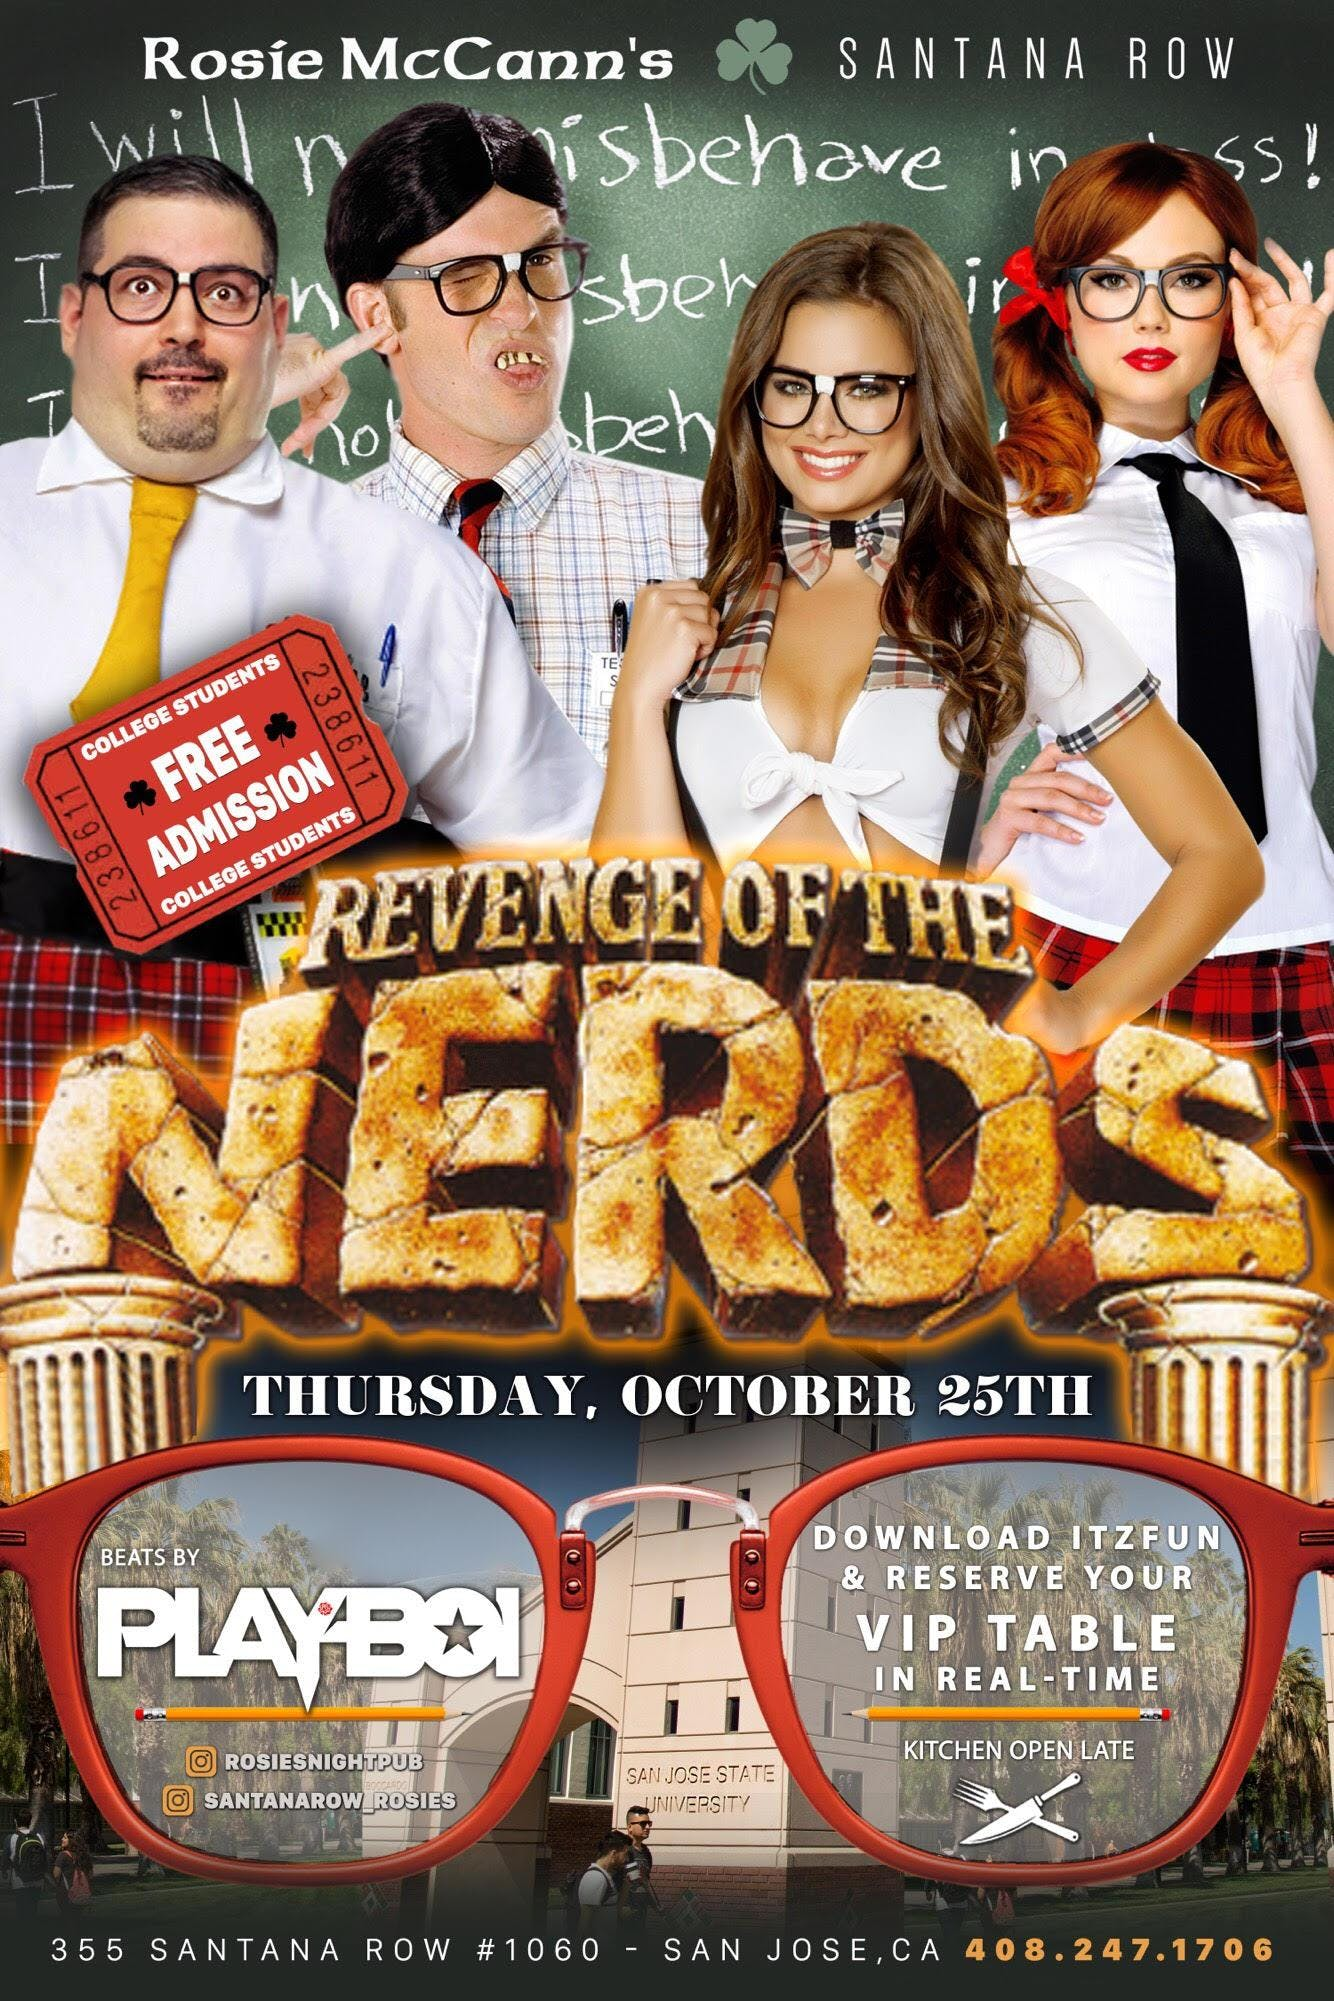 revenge of the nerds images